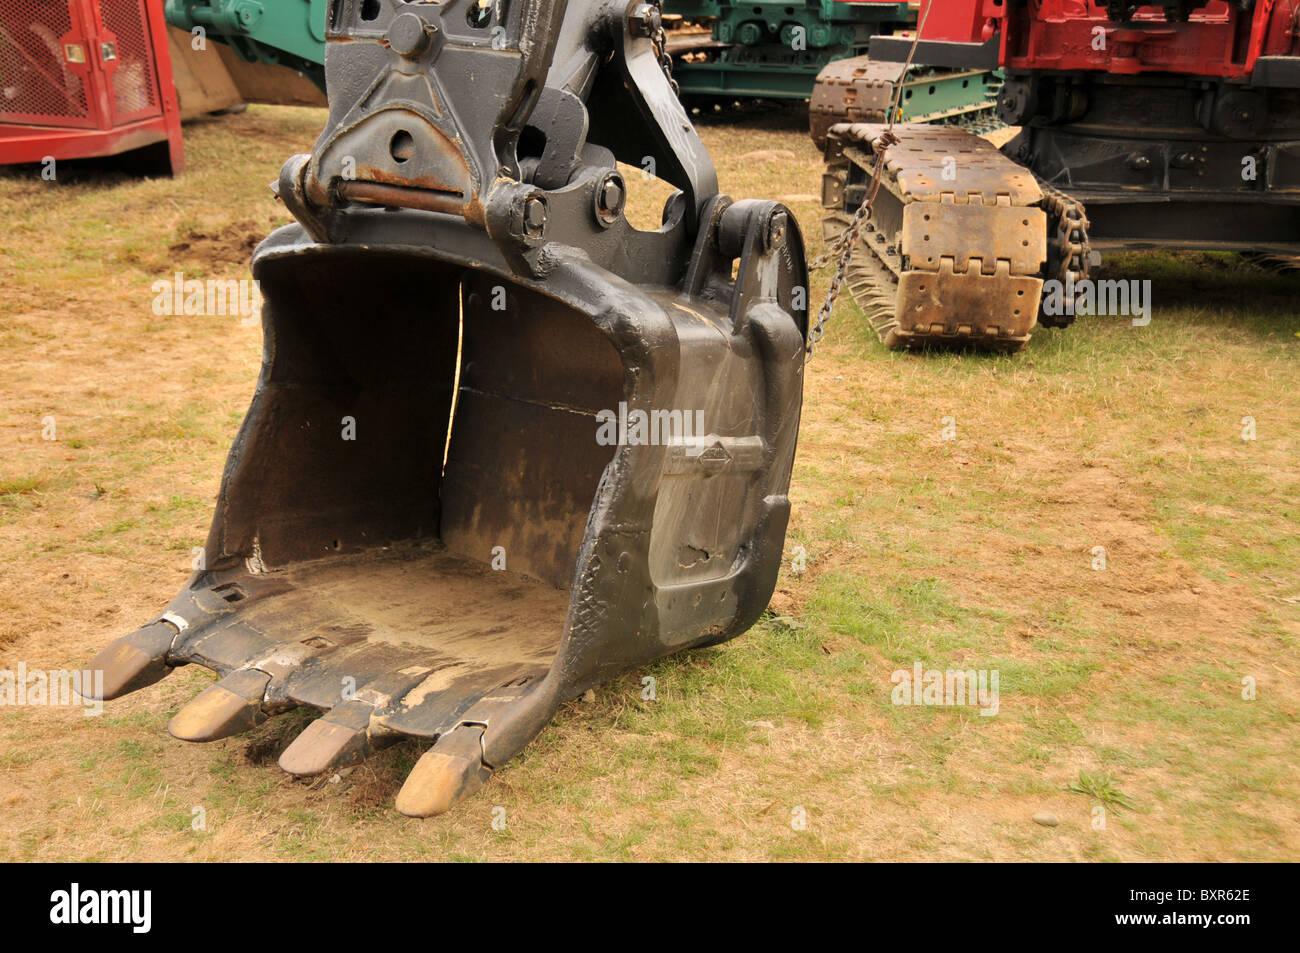 1956 Lima Power Shovel 3/4 Cubic Yard Bucket - Stock Image